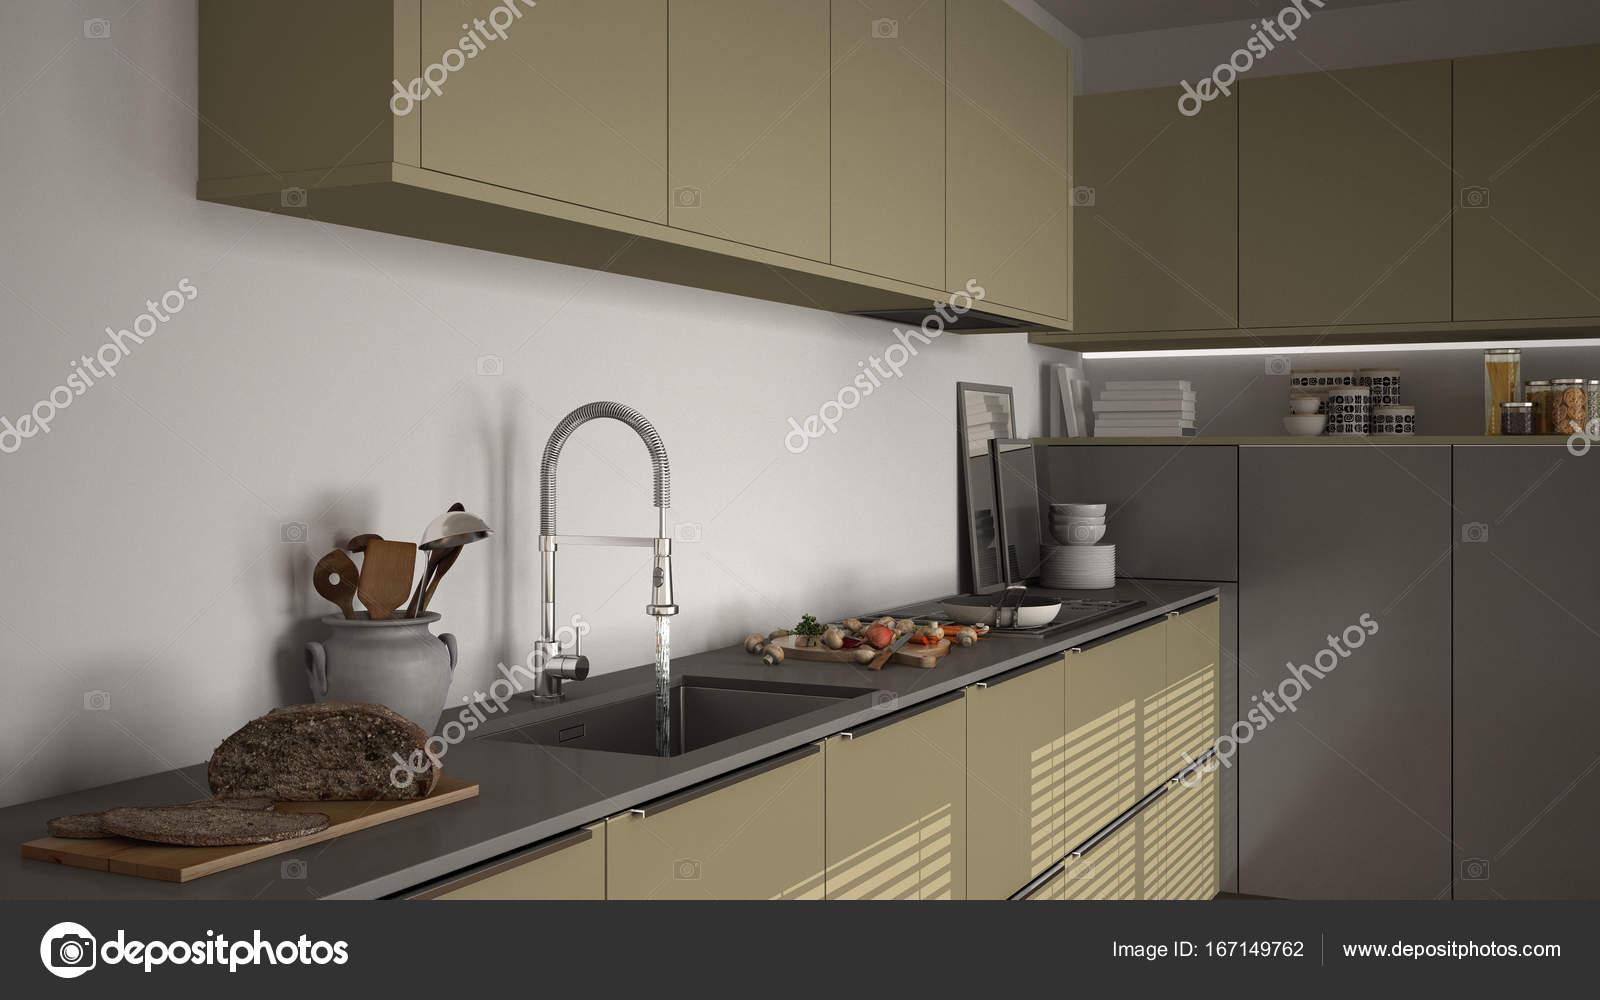 Moderner Küche mit Spüle und Herd, Kochen Pfanne und Essen, in der ...